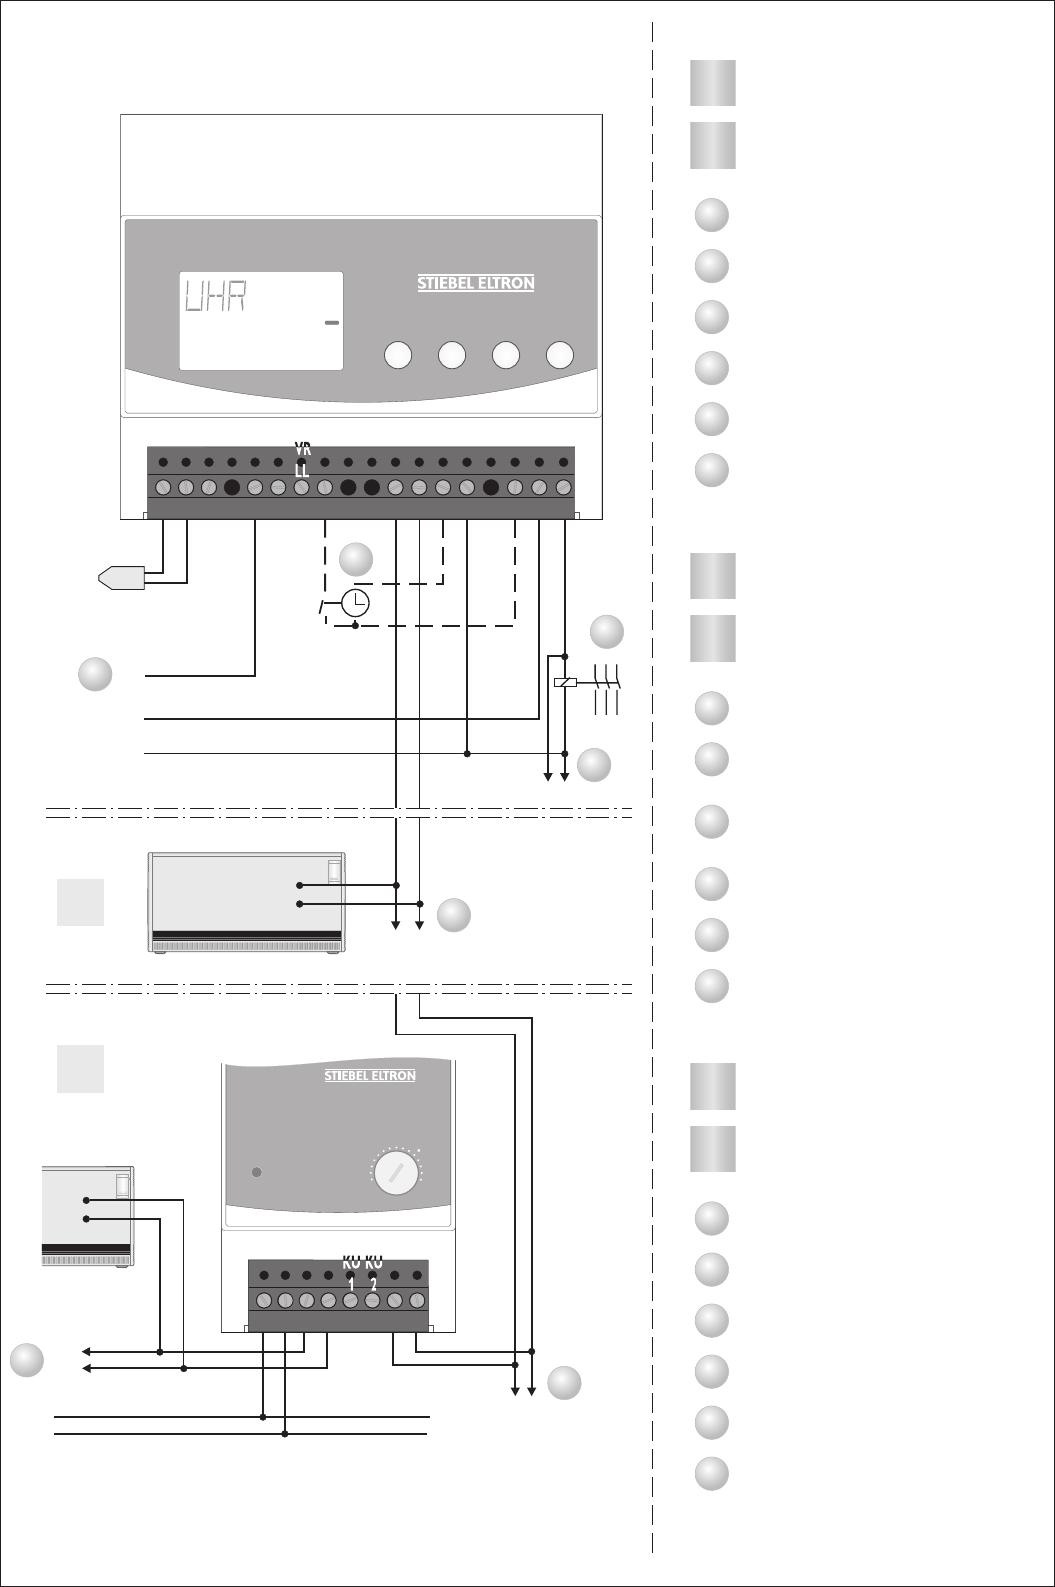 bedienungsanleitung stiebel eltron eac4 seite 3 von 38. Black Bedroom Furniture Sets. Home Design Ideas